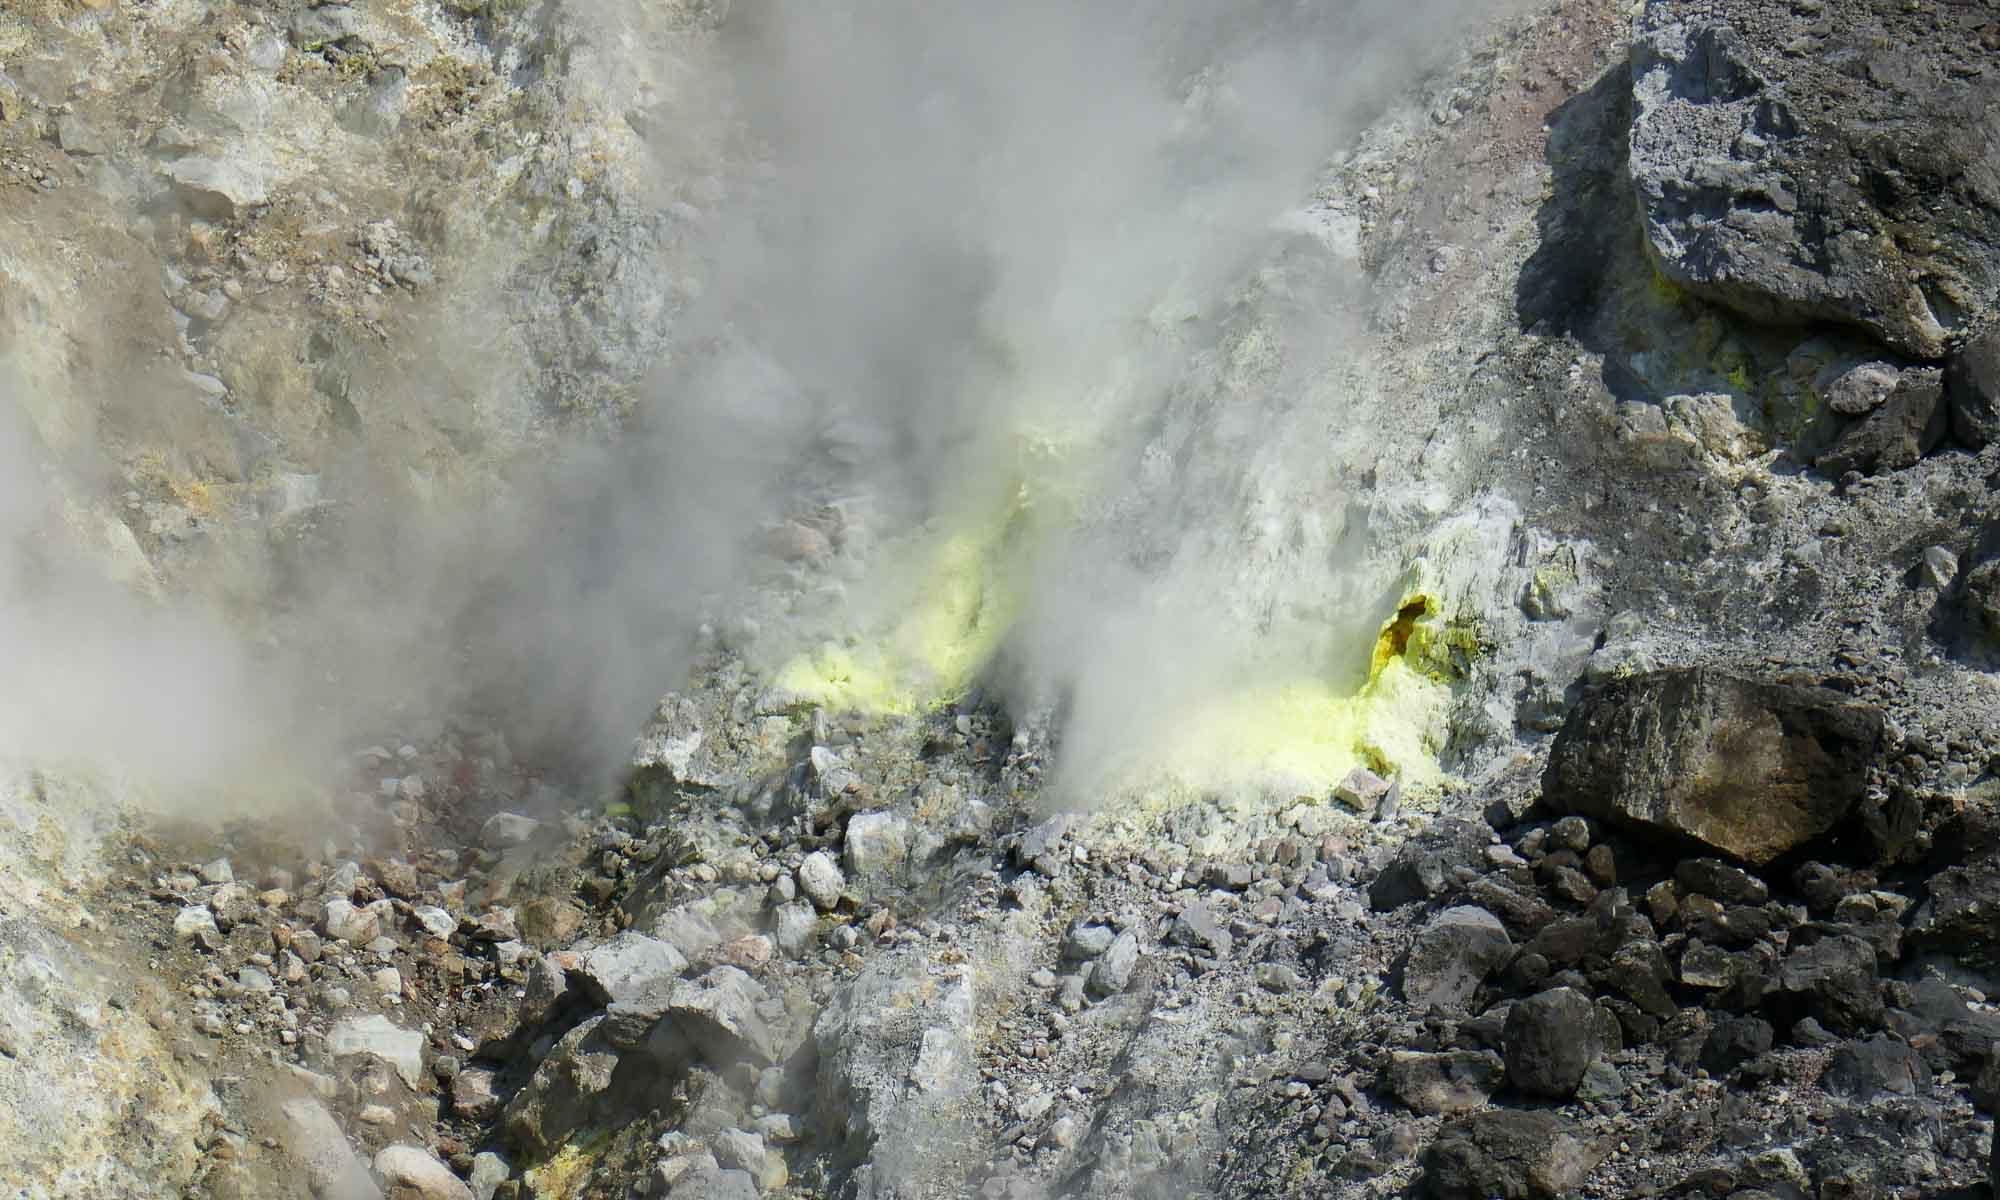 Fumaroles up close